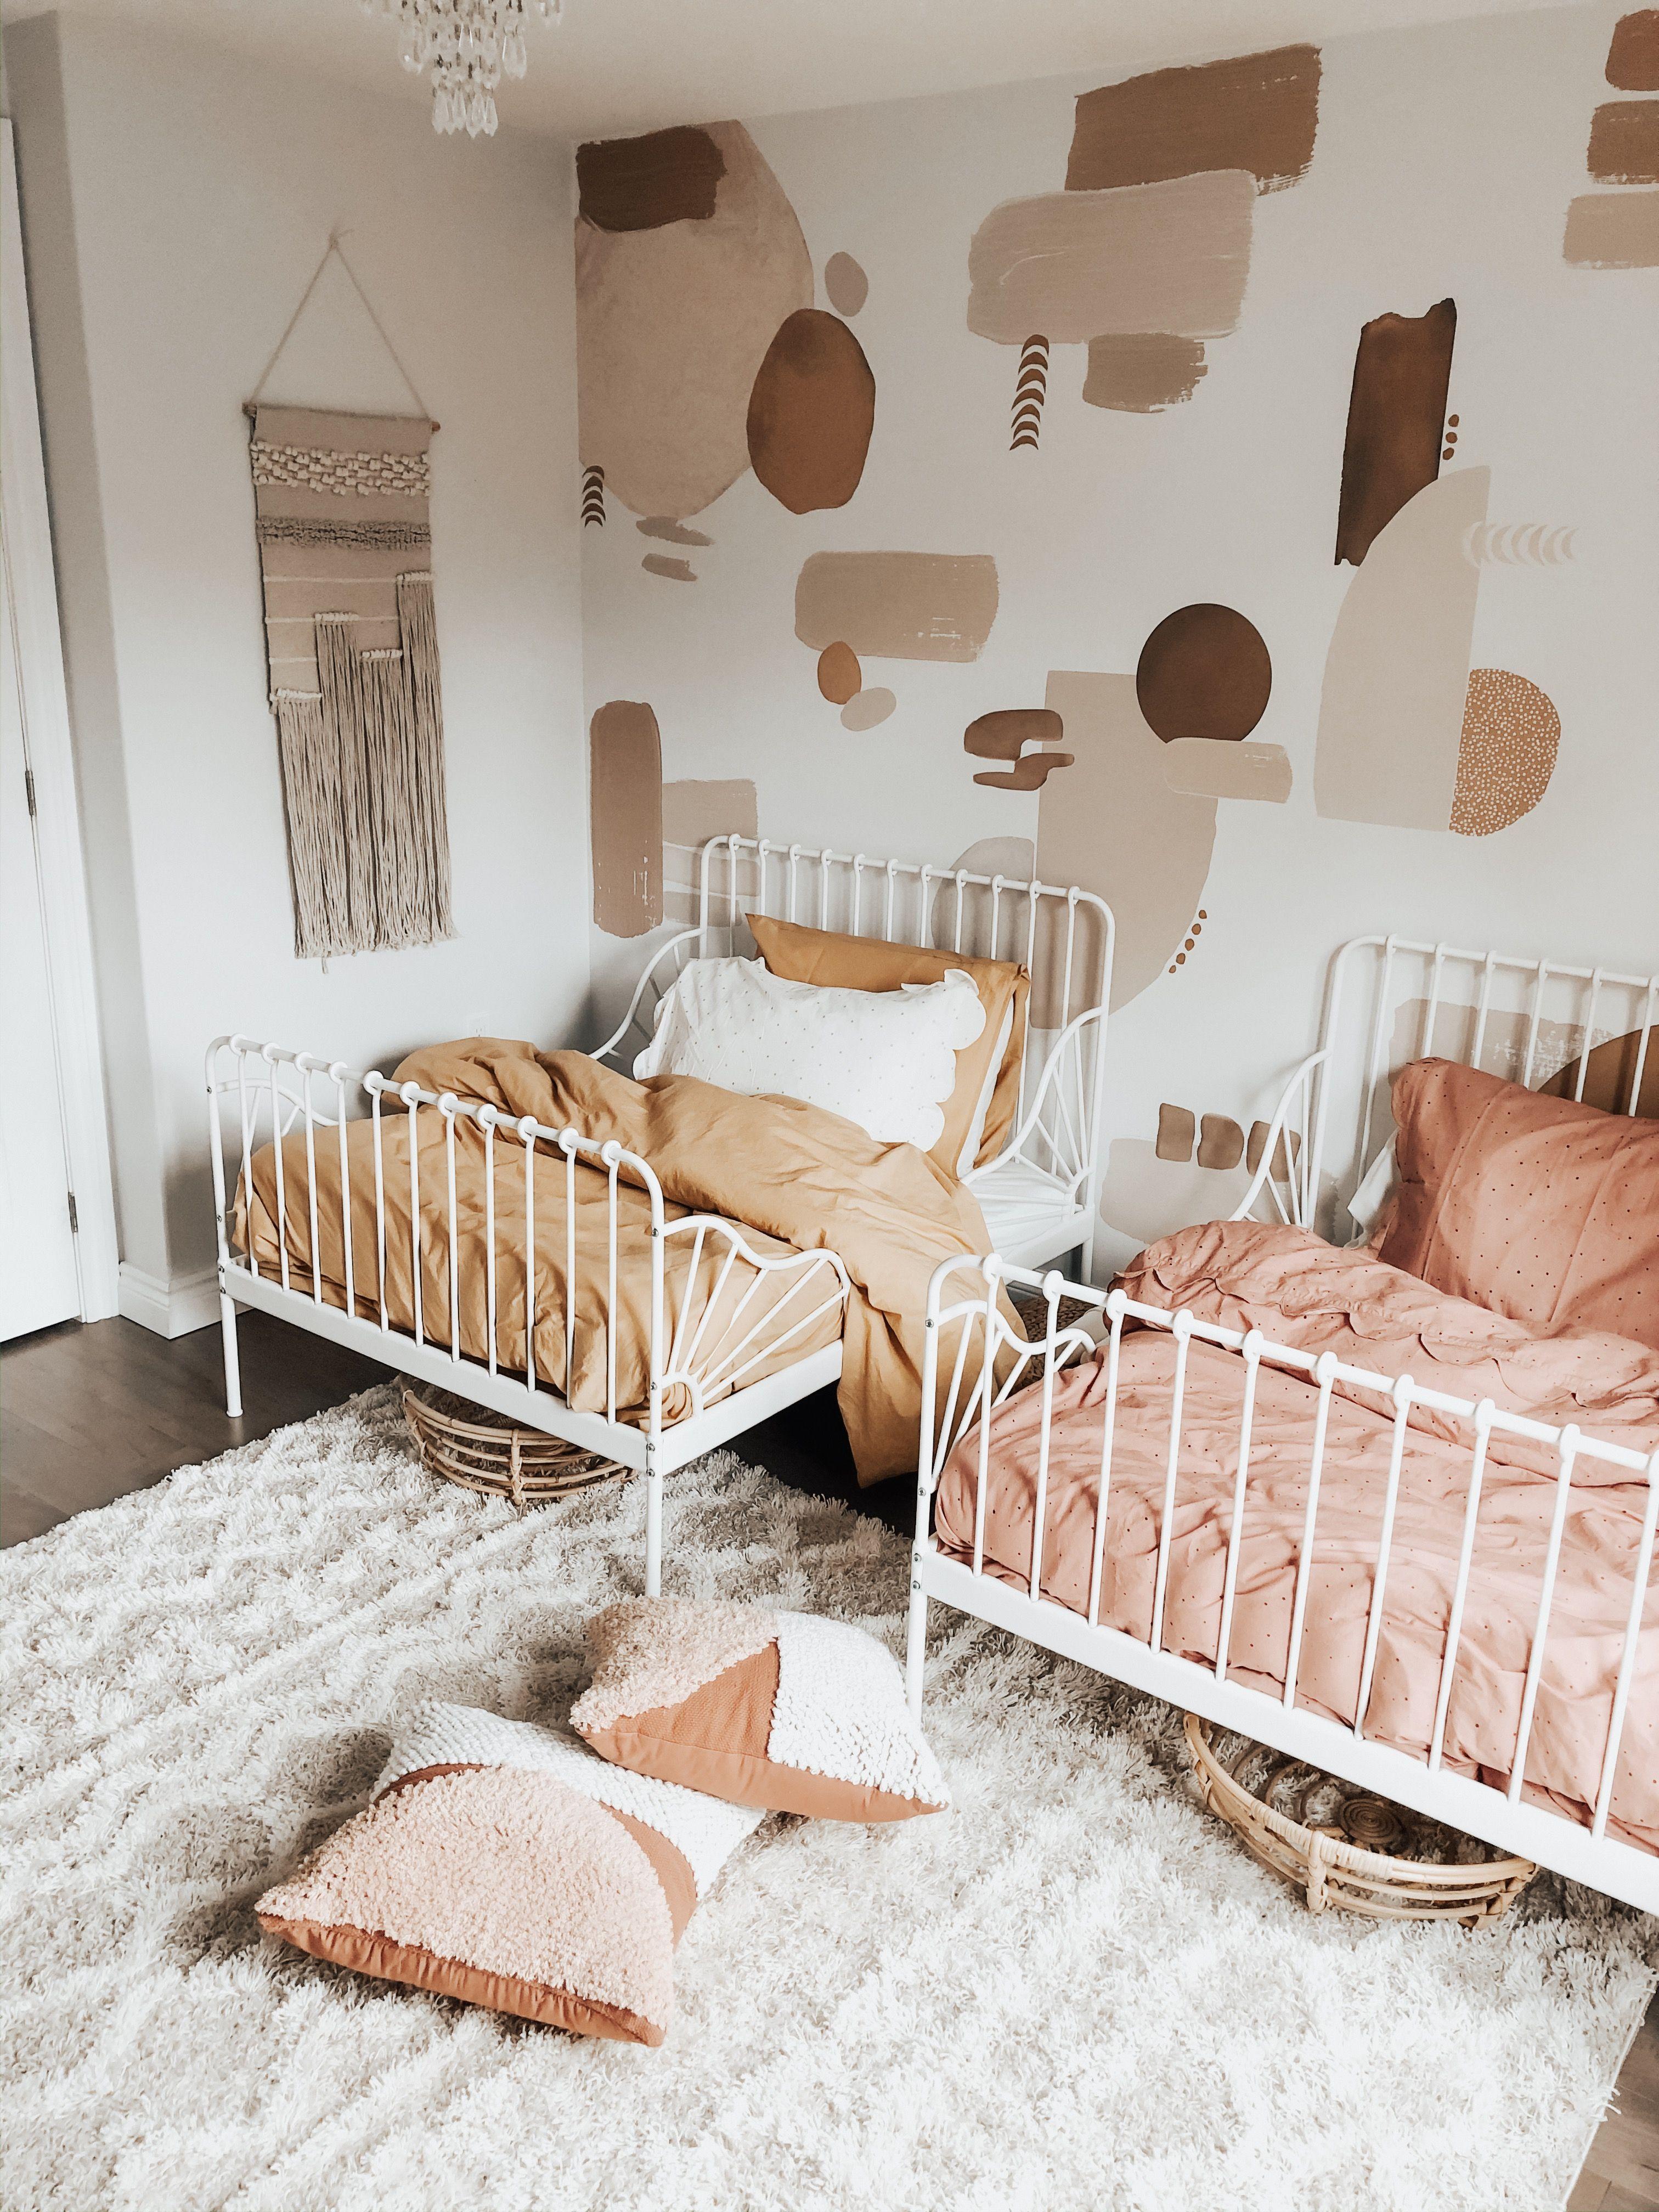 Home Decor Plants En 2020 Deco Chambre Fillette Decoration Chambre Enfant Inspiration Chambre Enfant